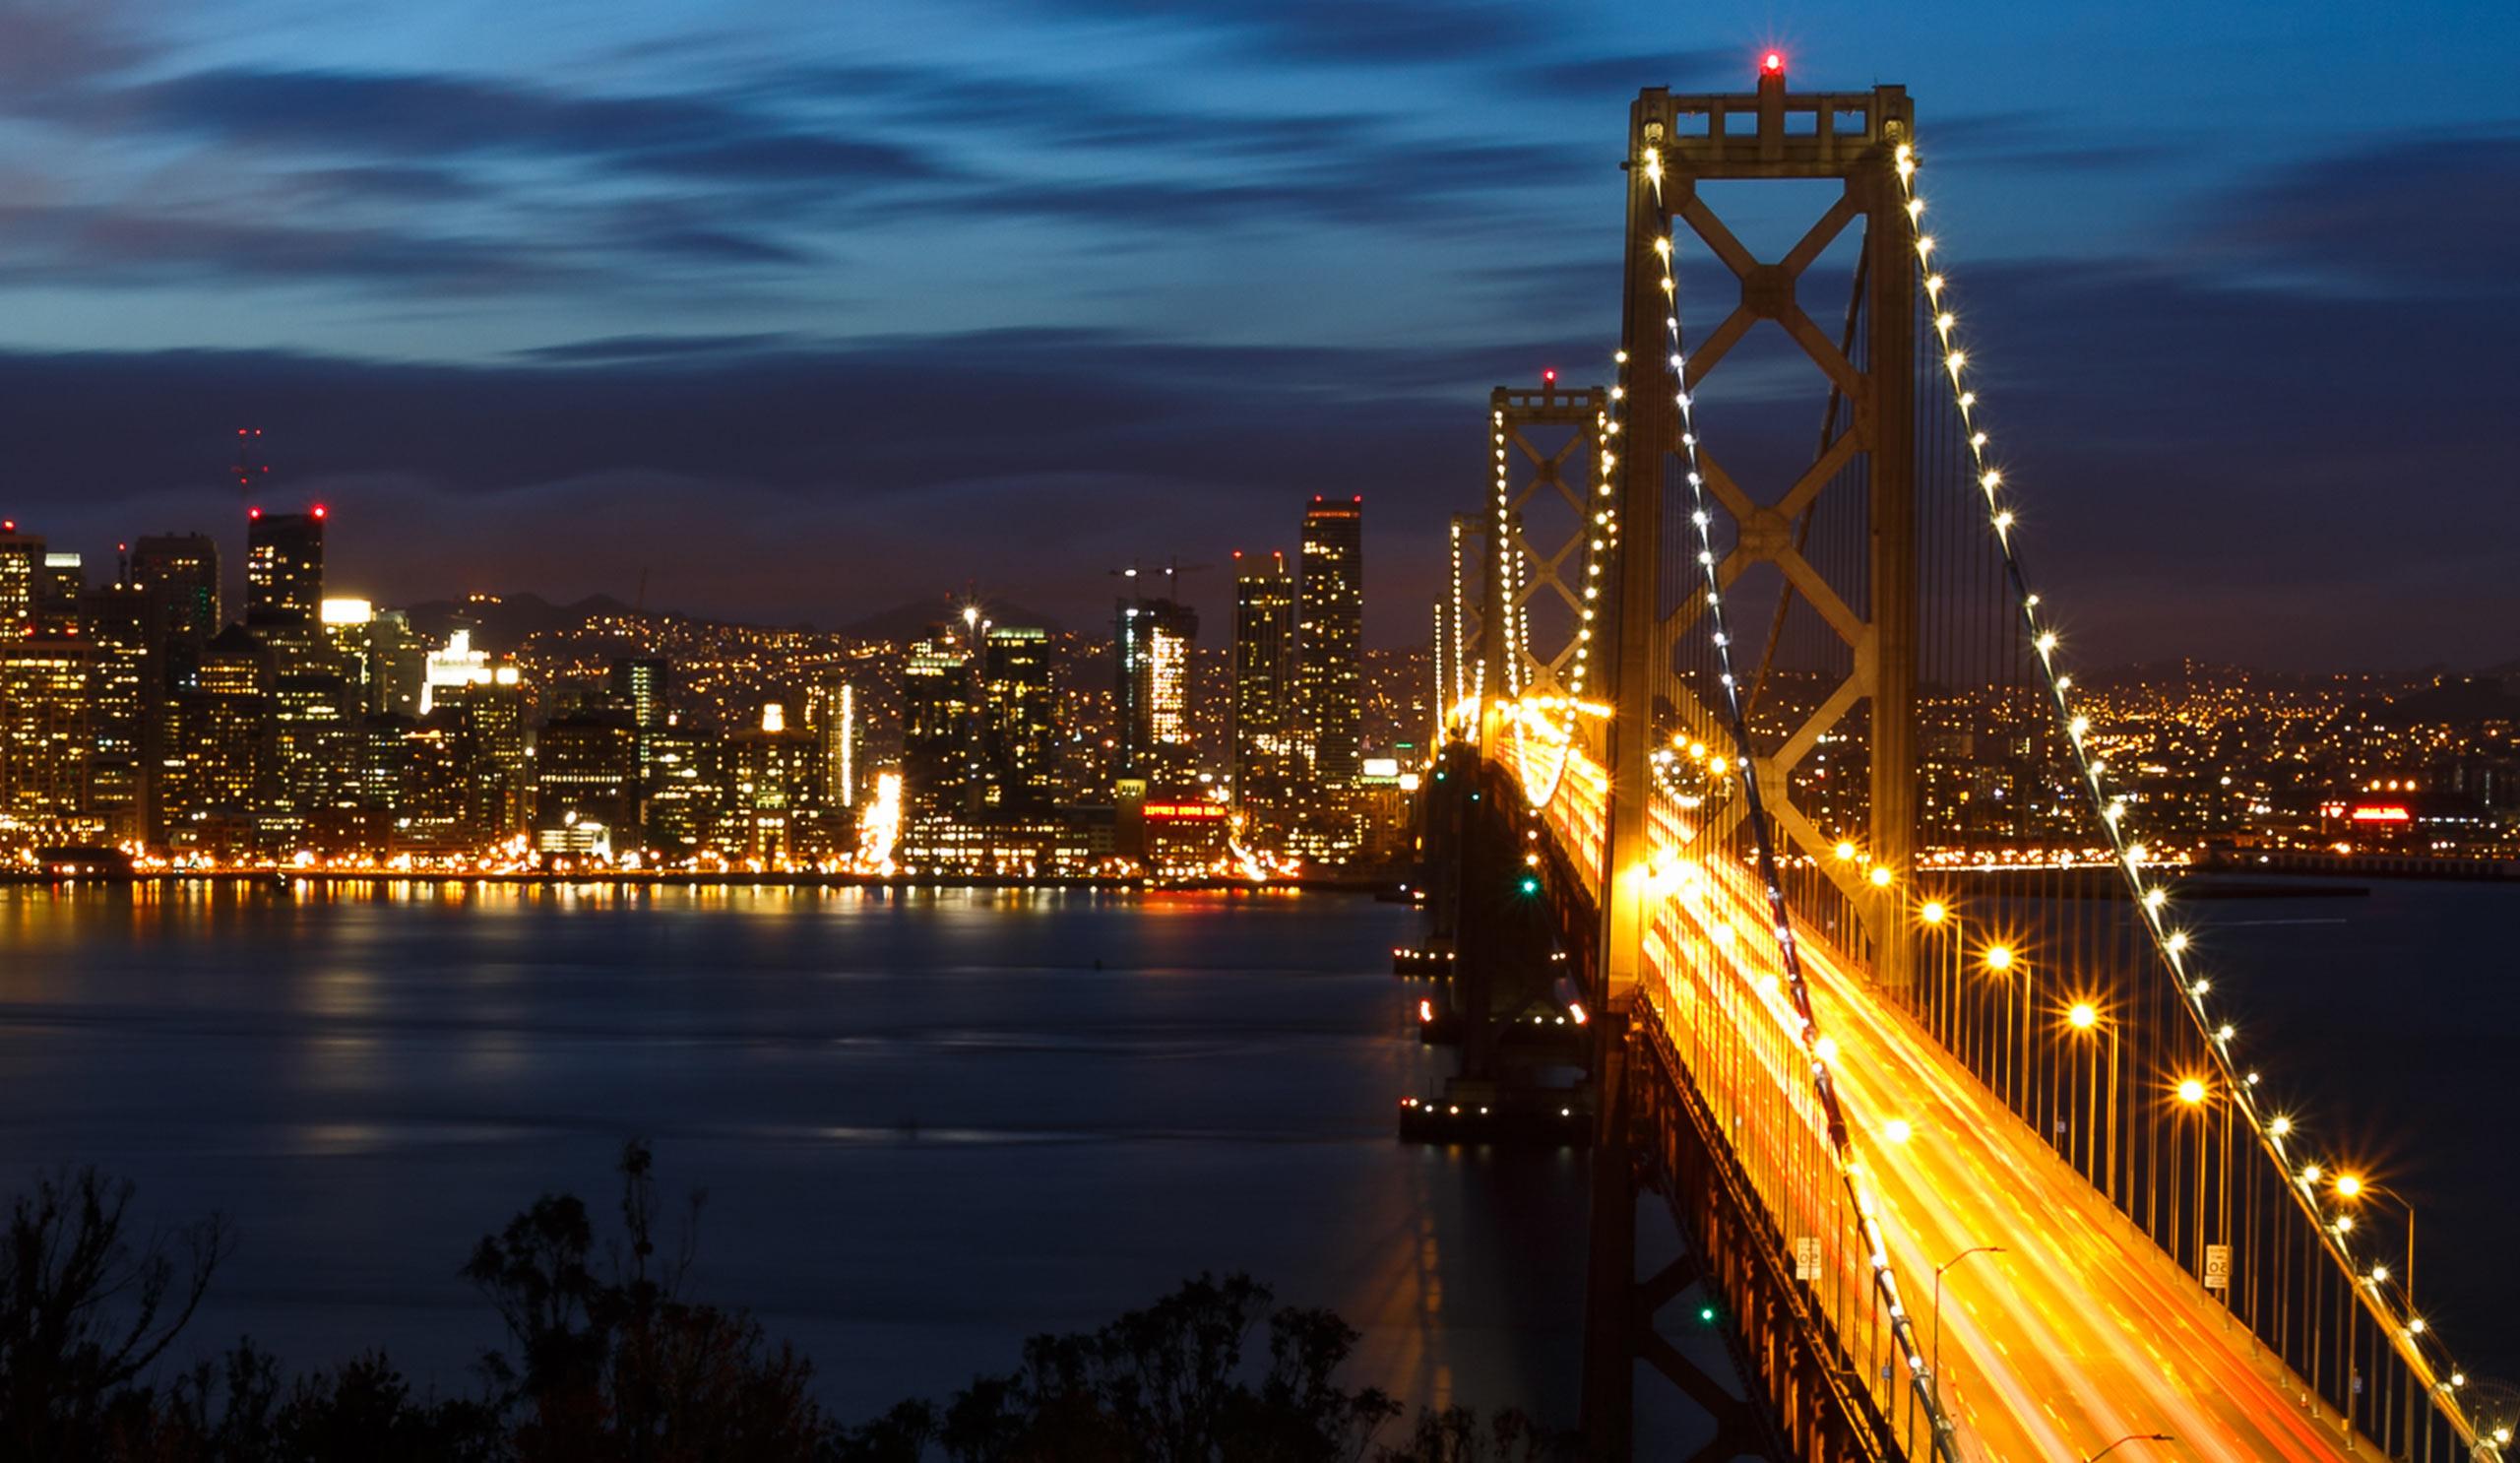 San Fransisco Golden Gate Bridge at night